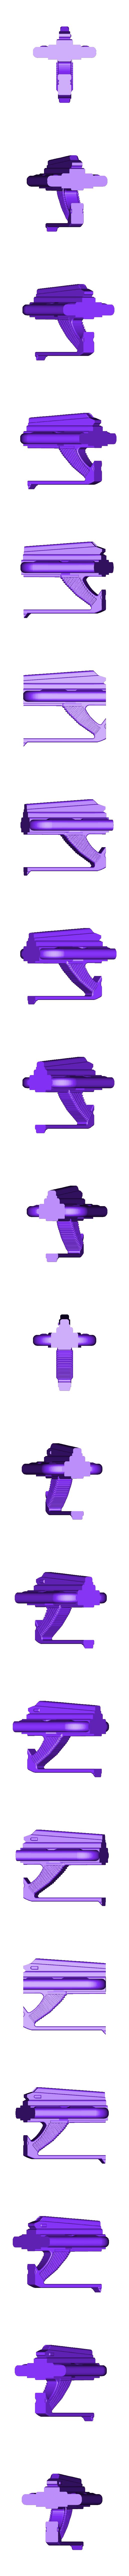 Compression_rifle_v2_2.stl Download free STL file Star Trek Voyager Compression Rifle • 3D print design, poblocki1982